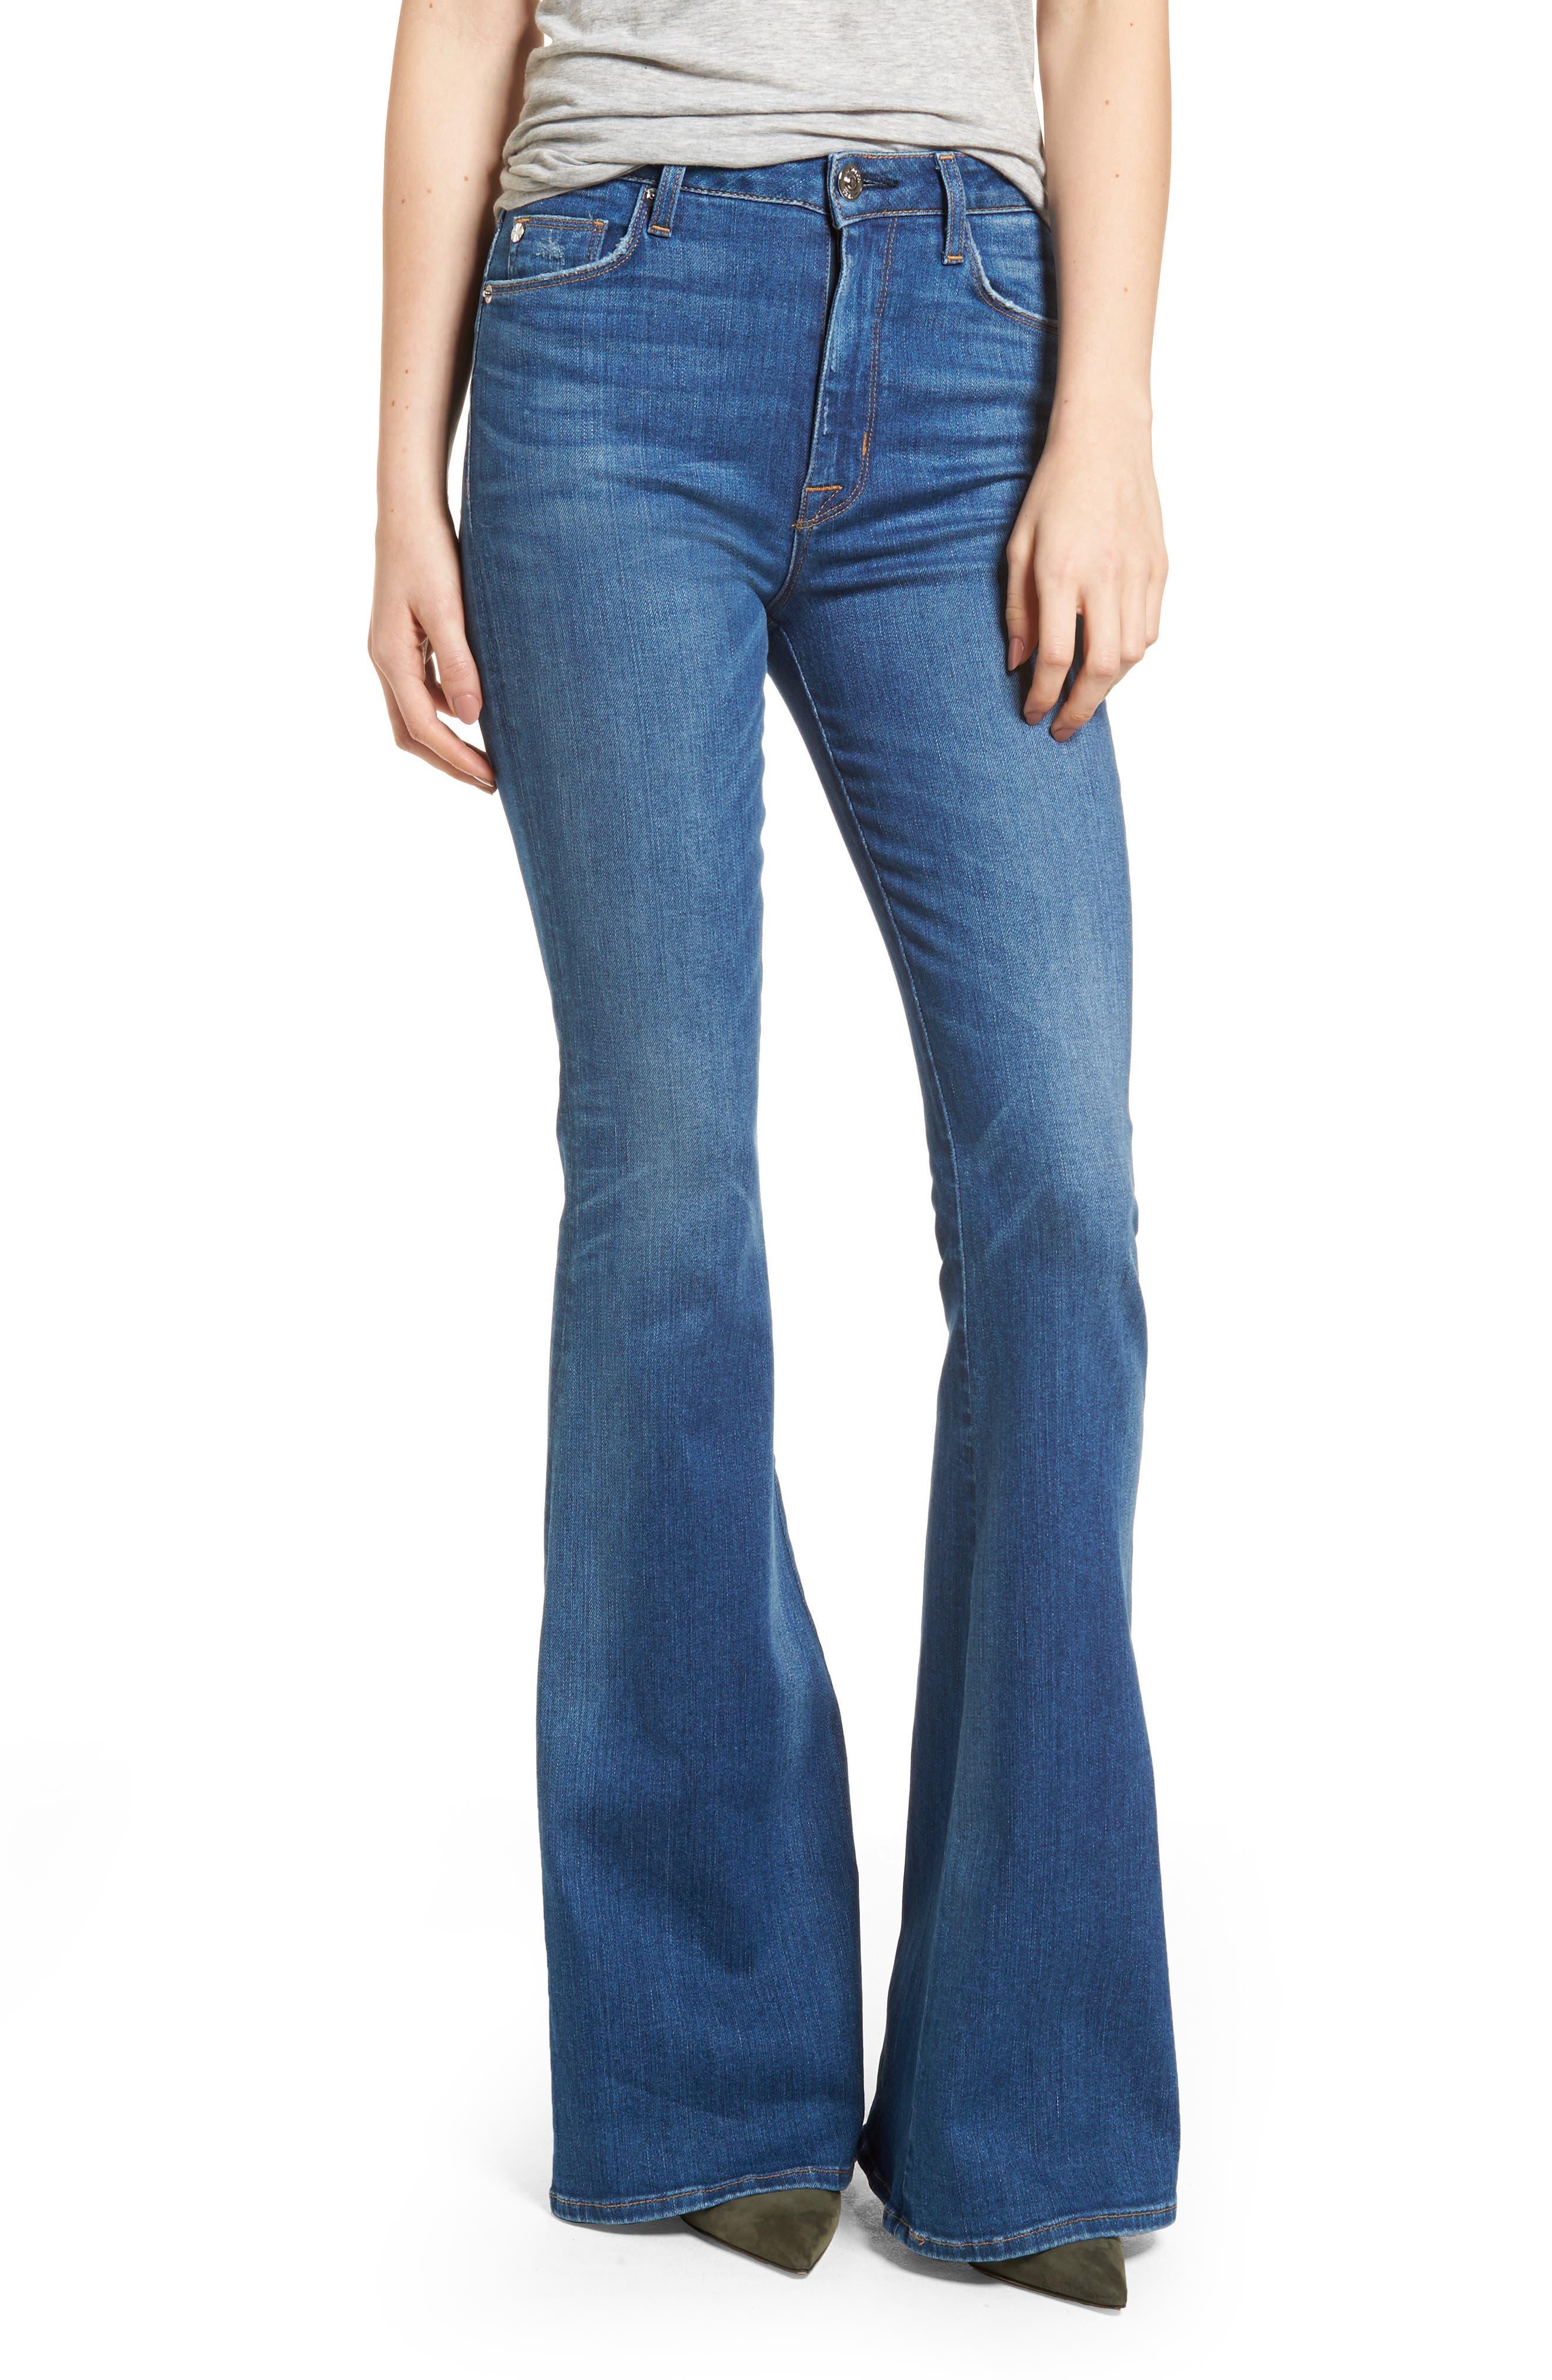 34eac7e3110 60s - 70s Pants